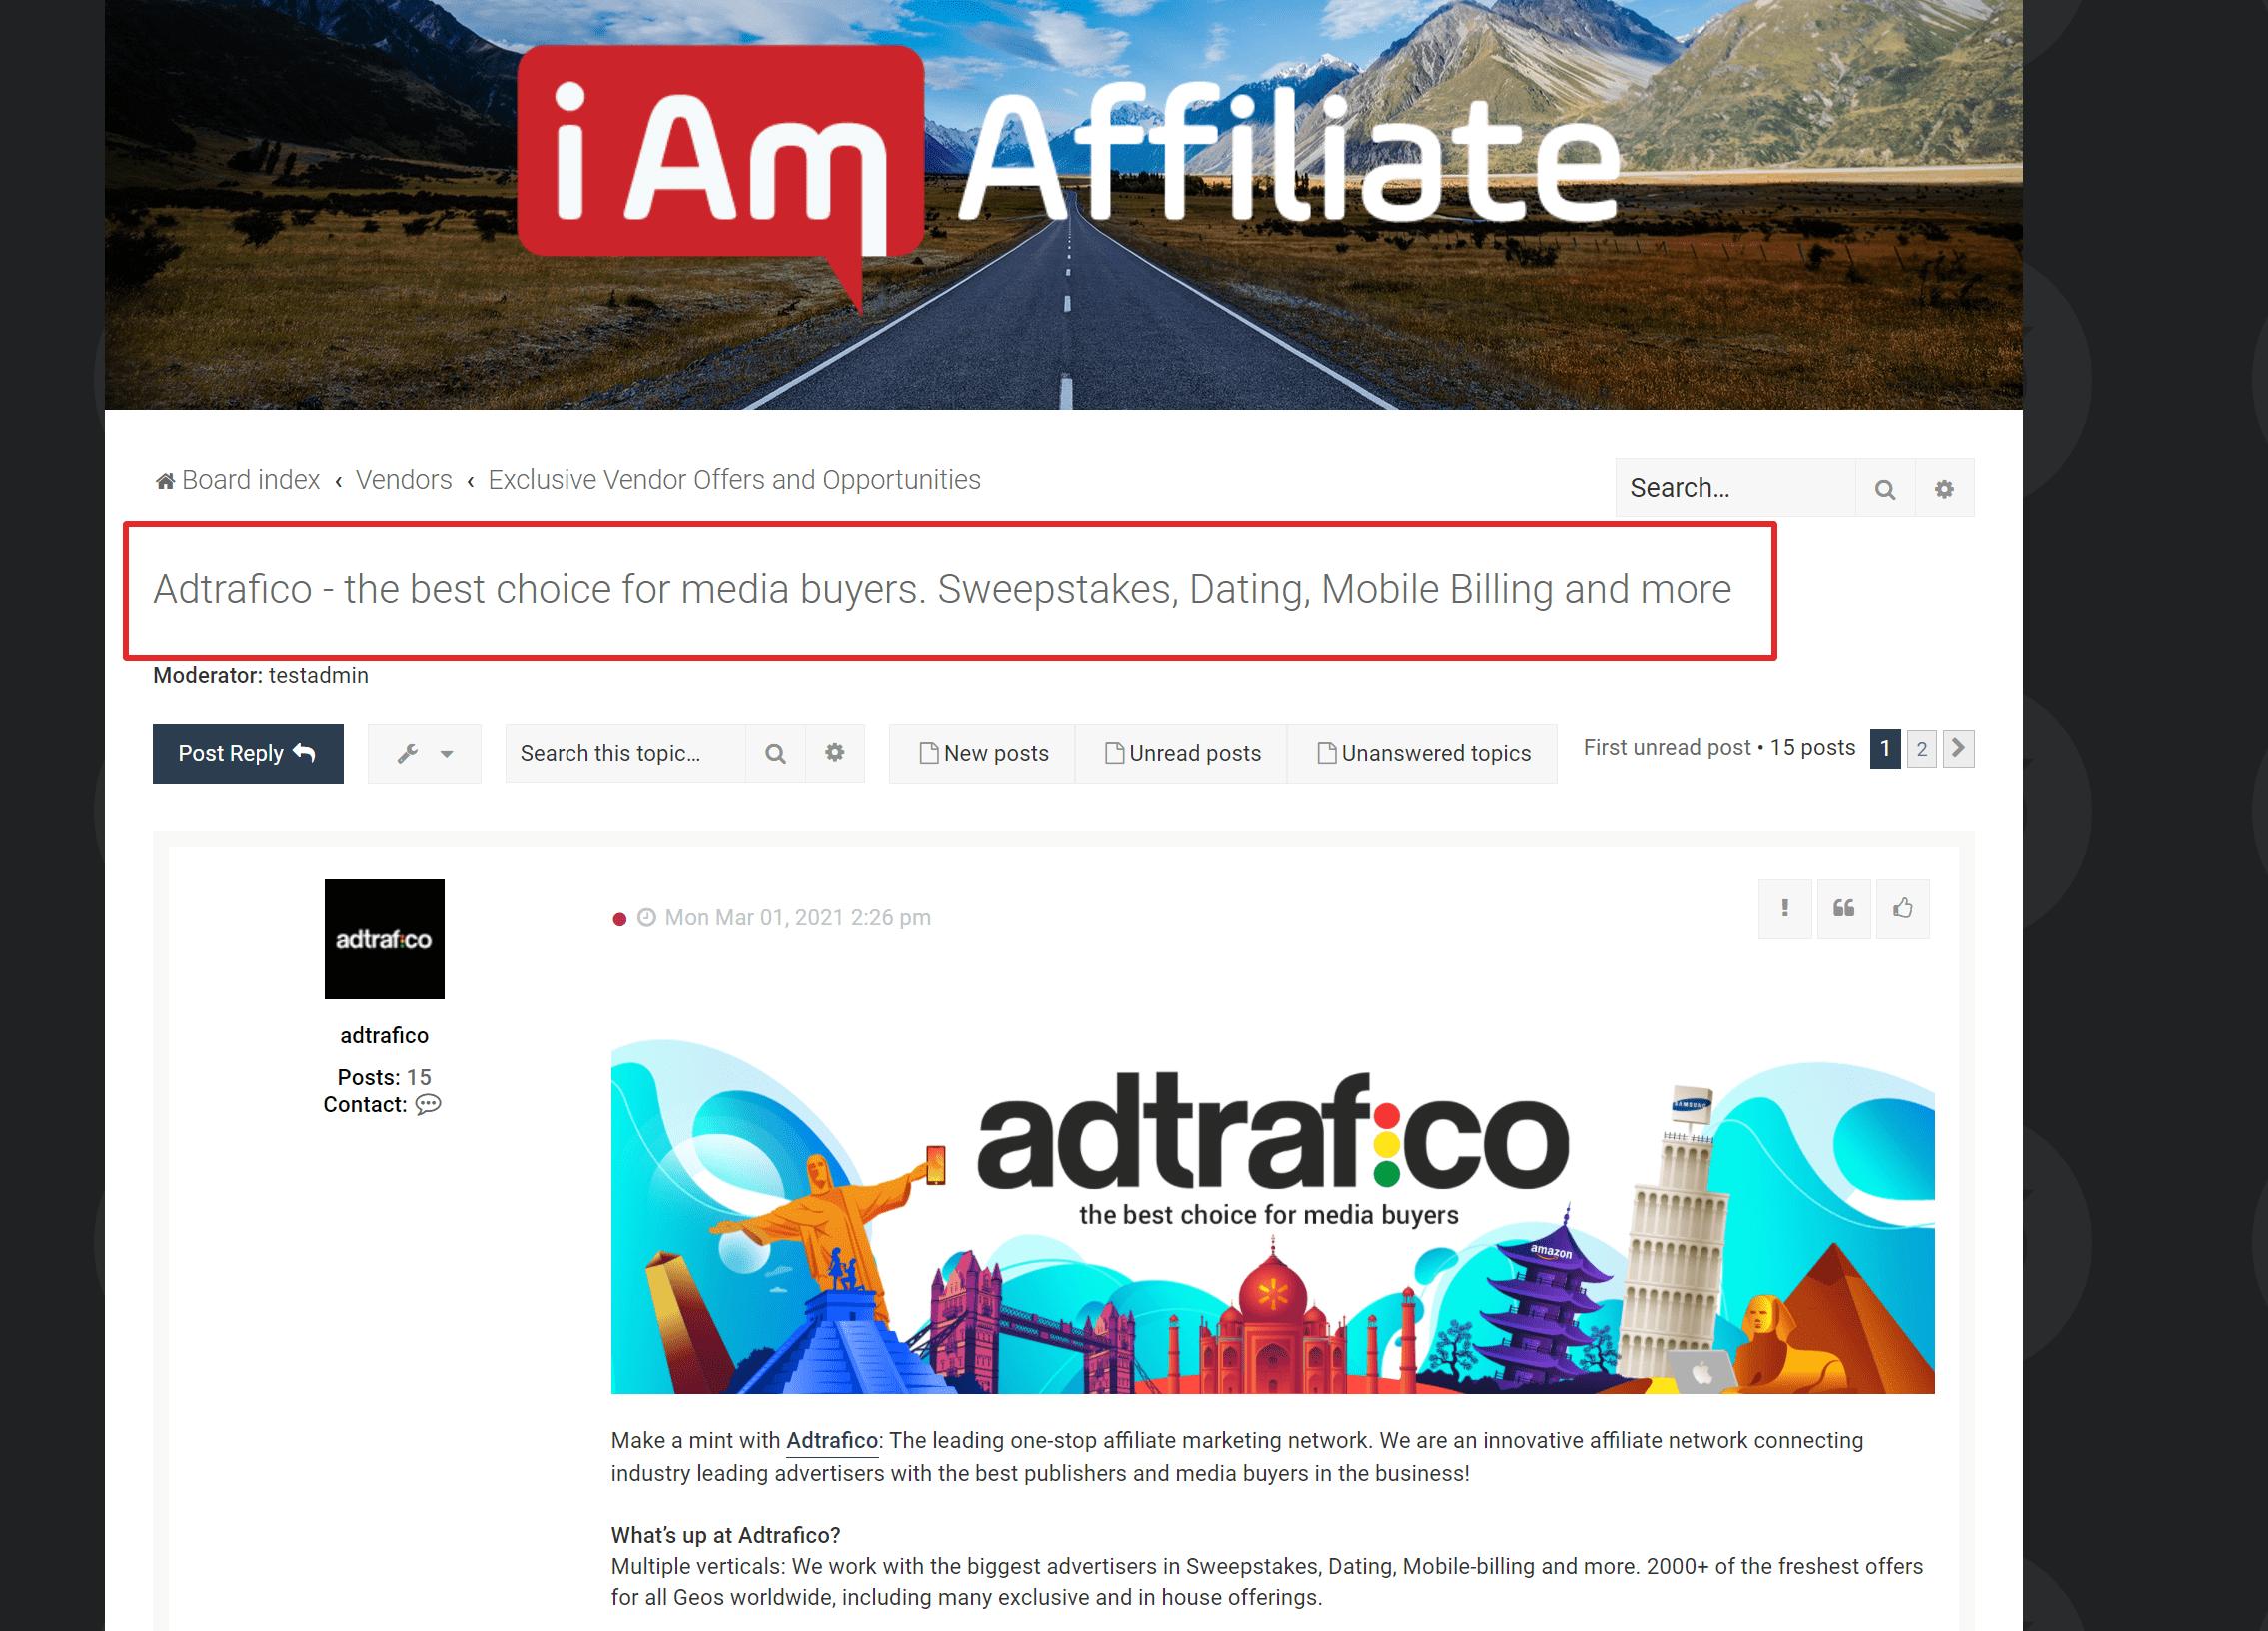 Iamaffiliate Atilla forum